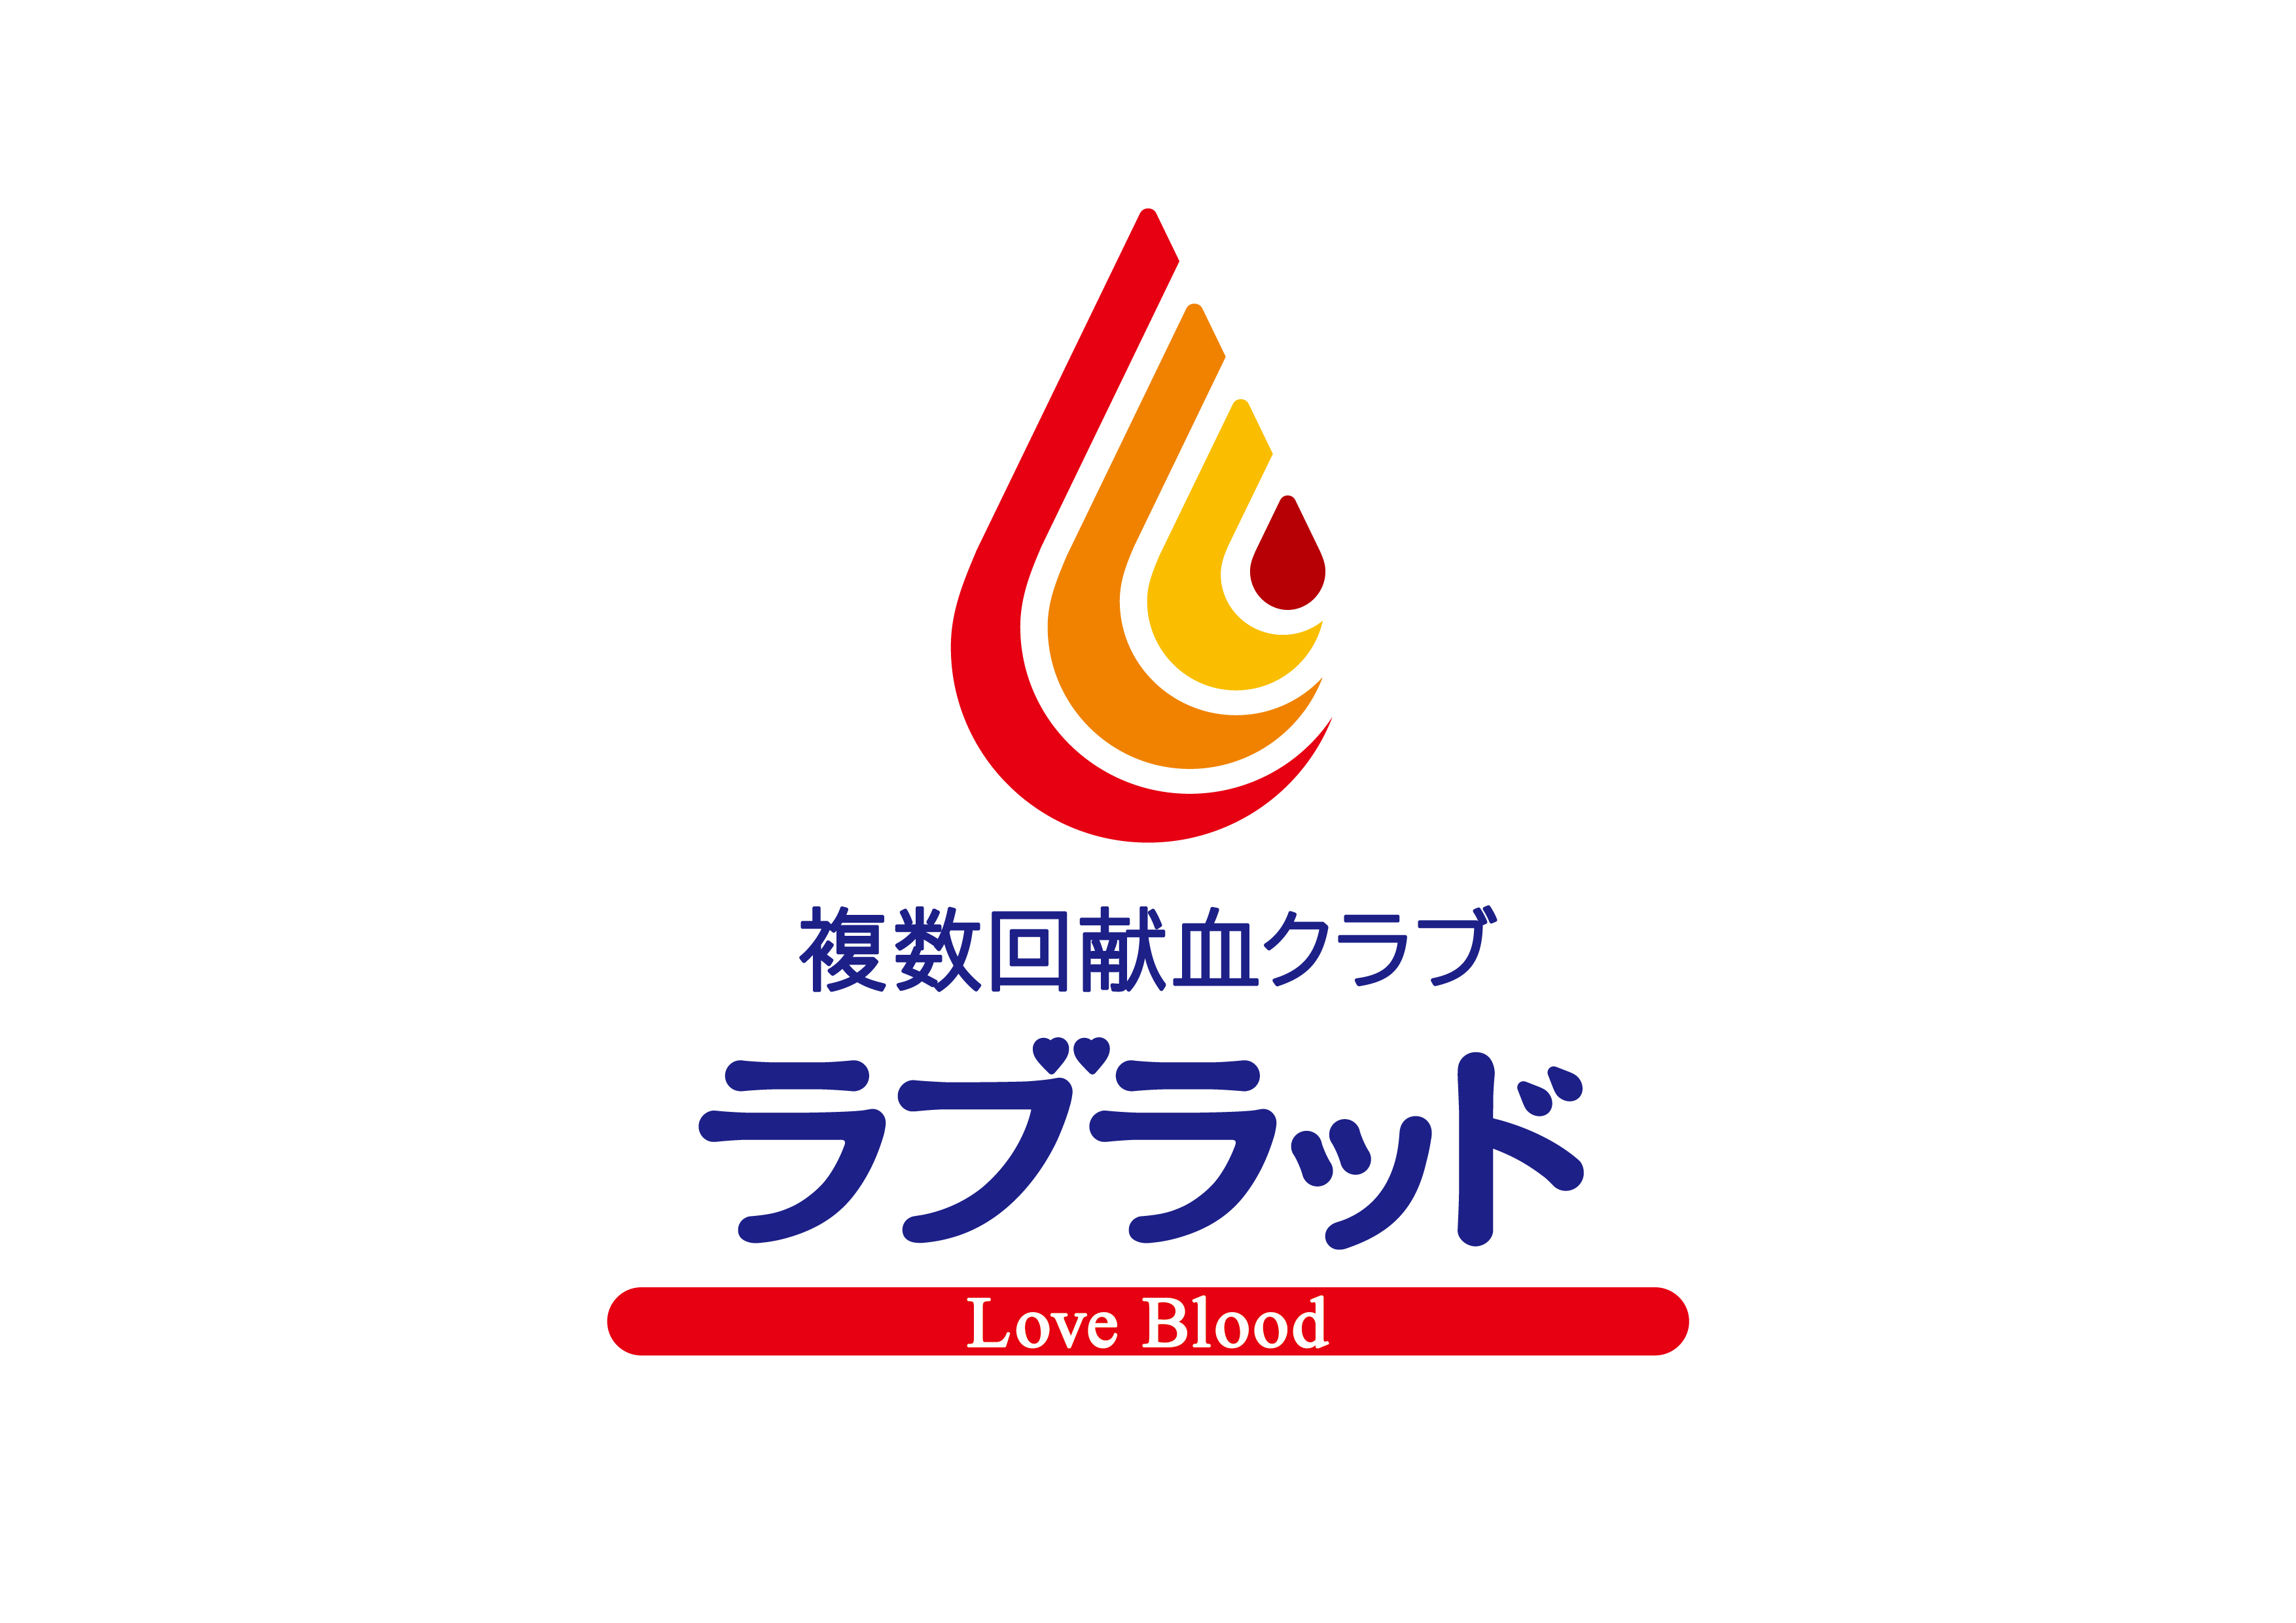 クラブ 献血